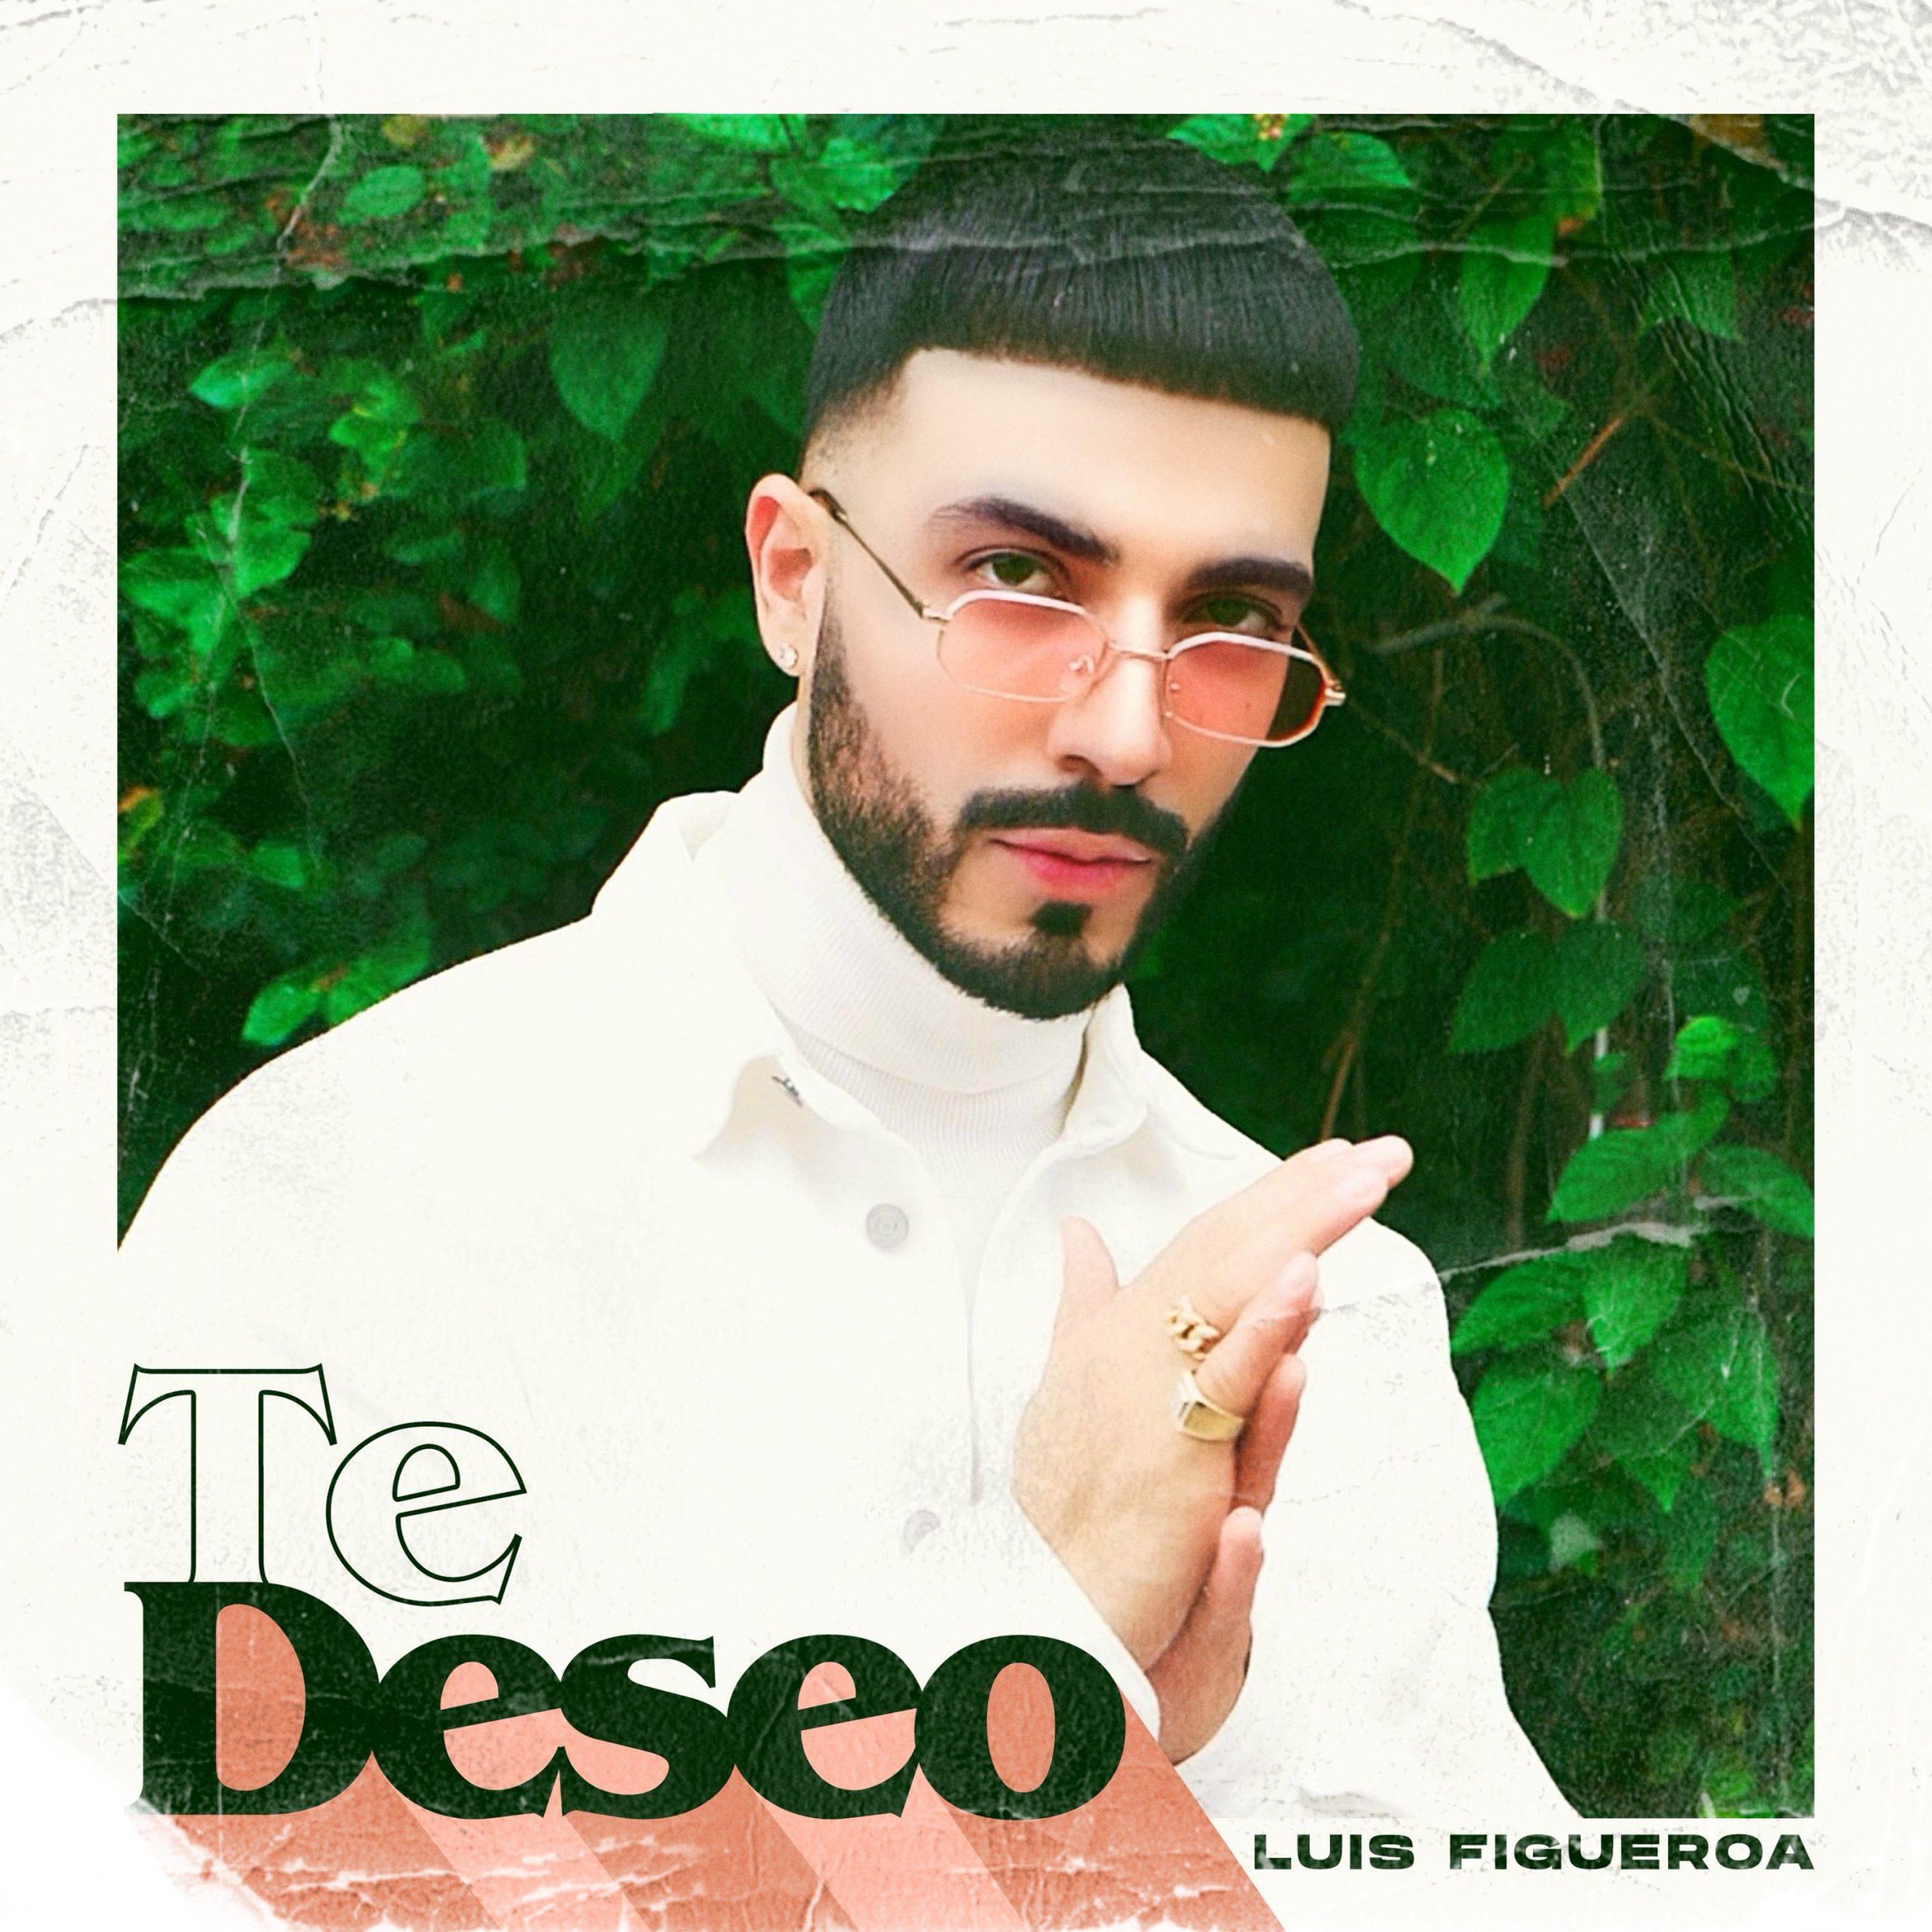 LuisFigueroa_TeDeseo_Cover